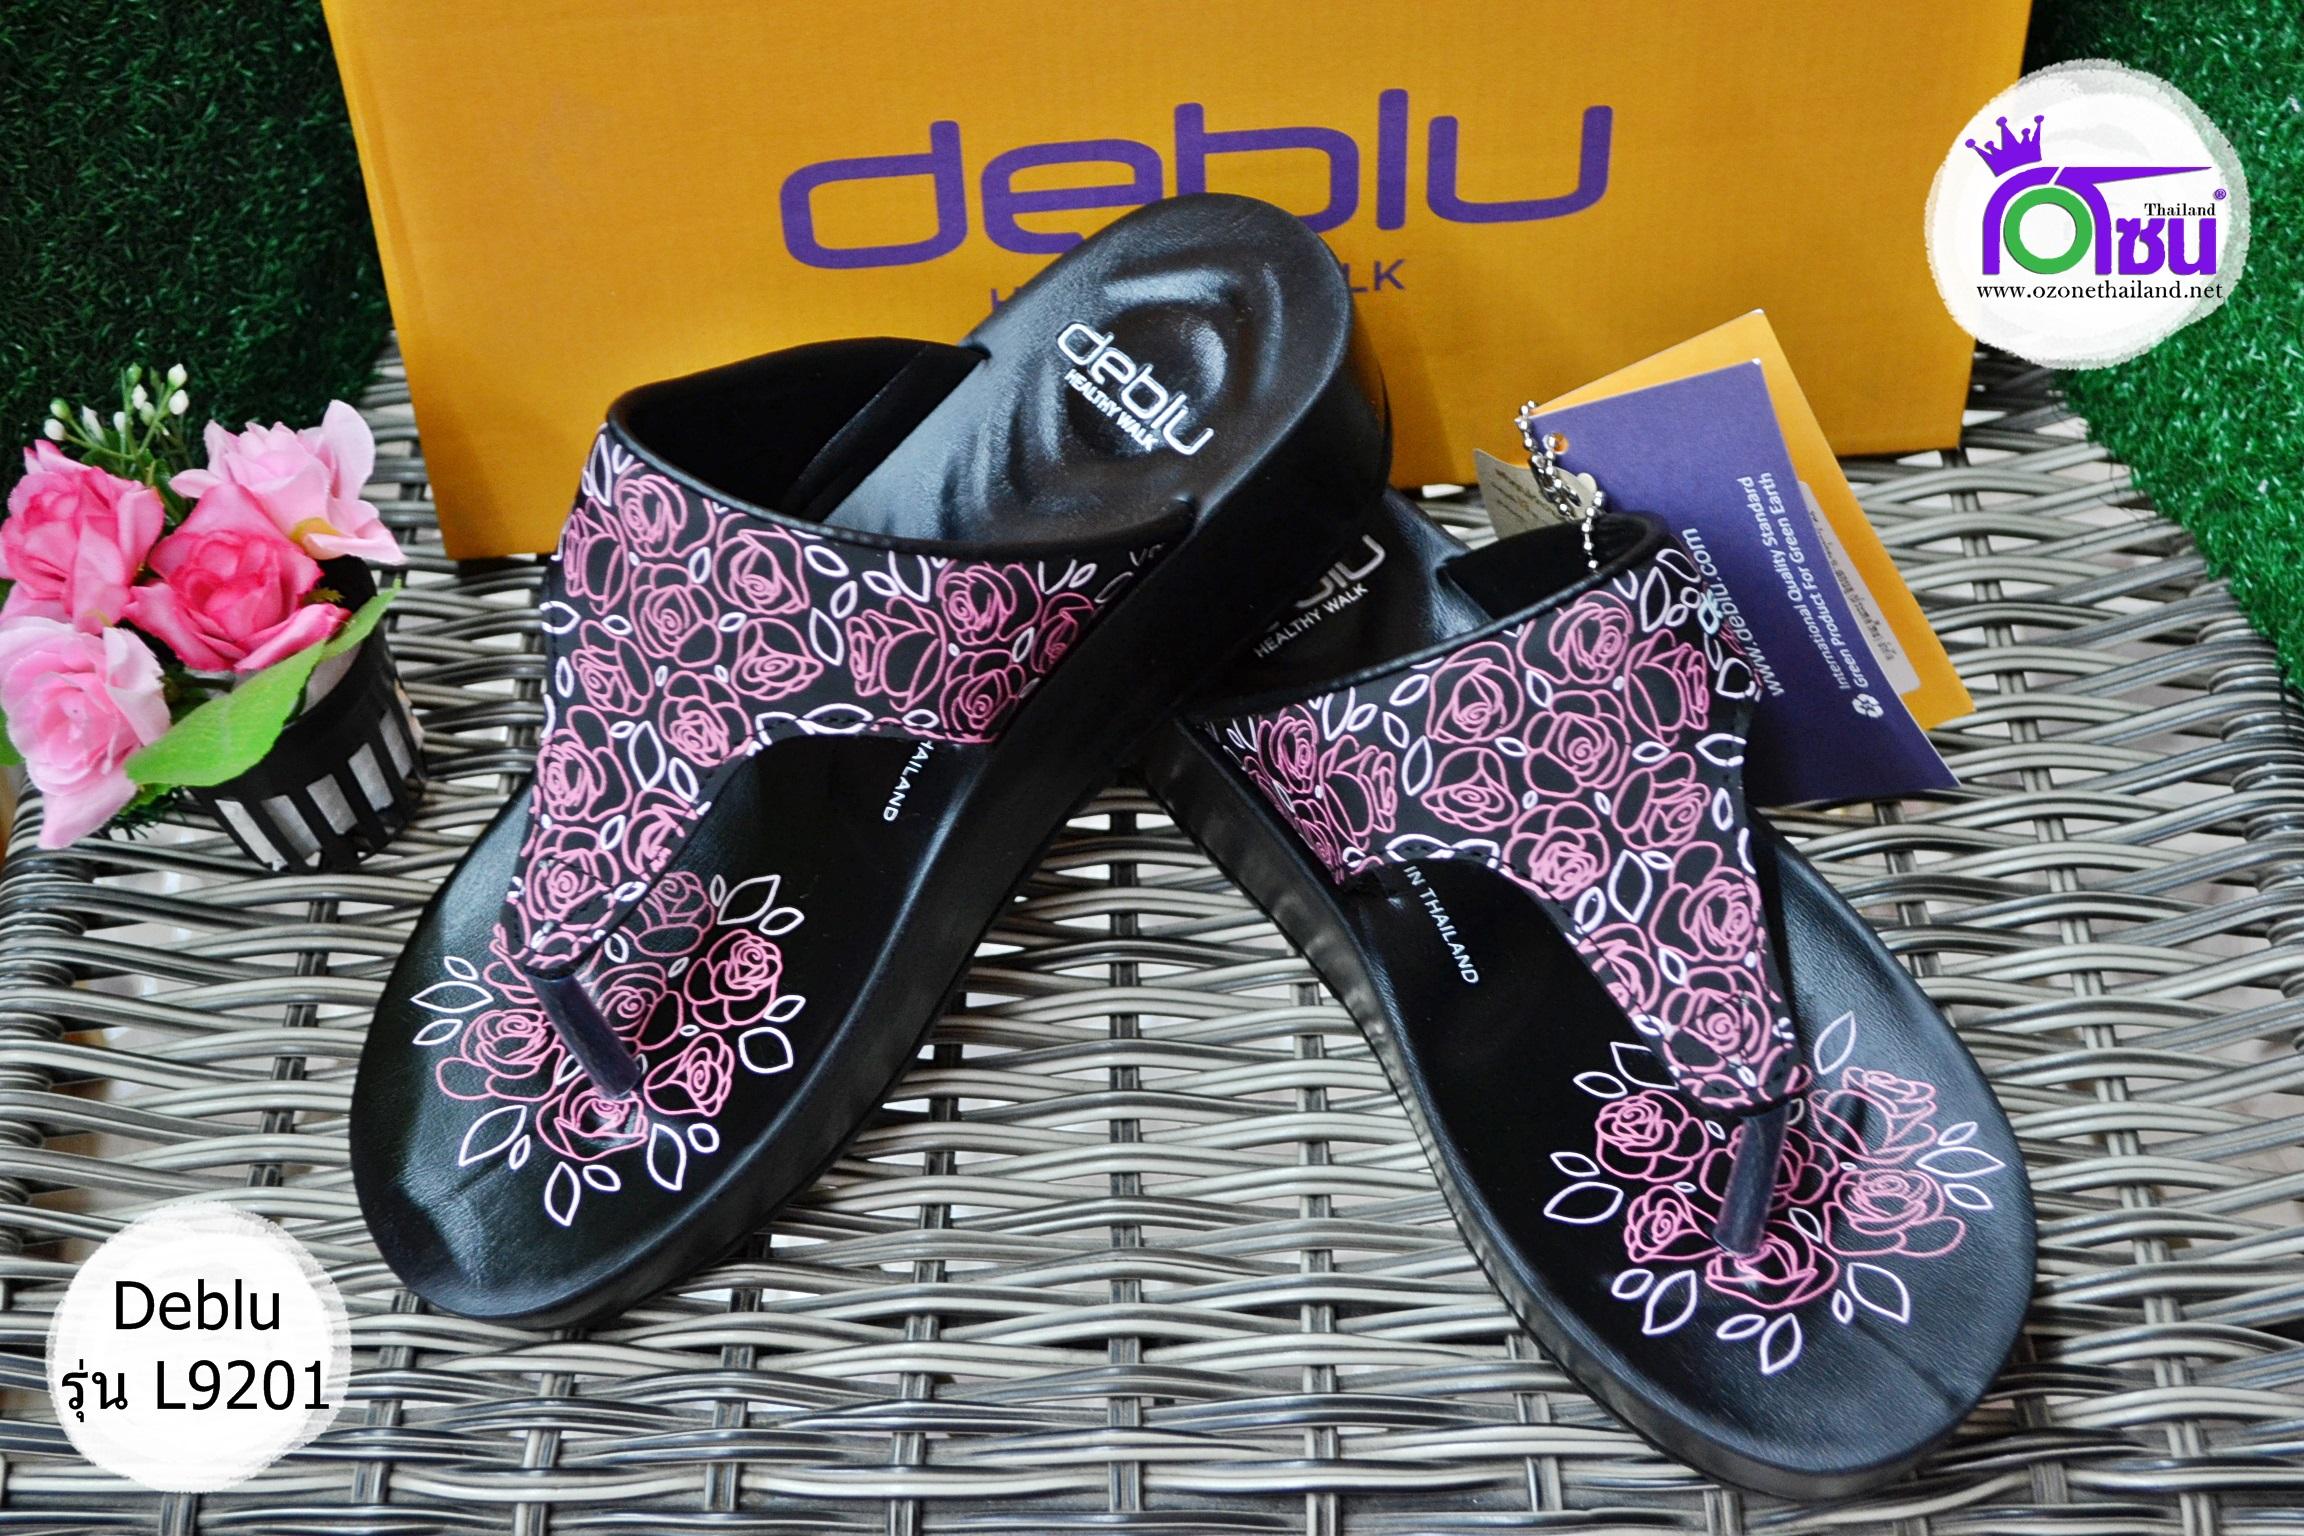 รองเท้า Deblu เดอบลู รุ่นL9201 สีชมพู เบอร์ 36-41